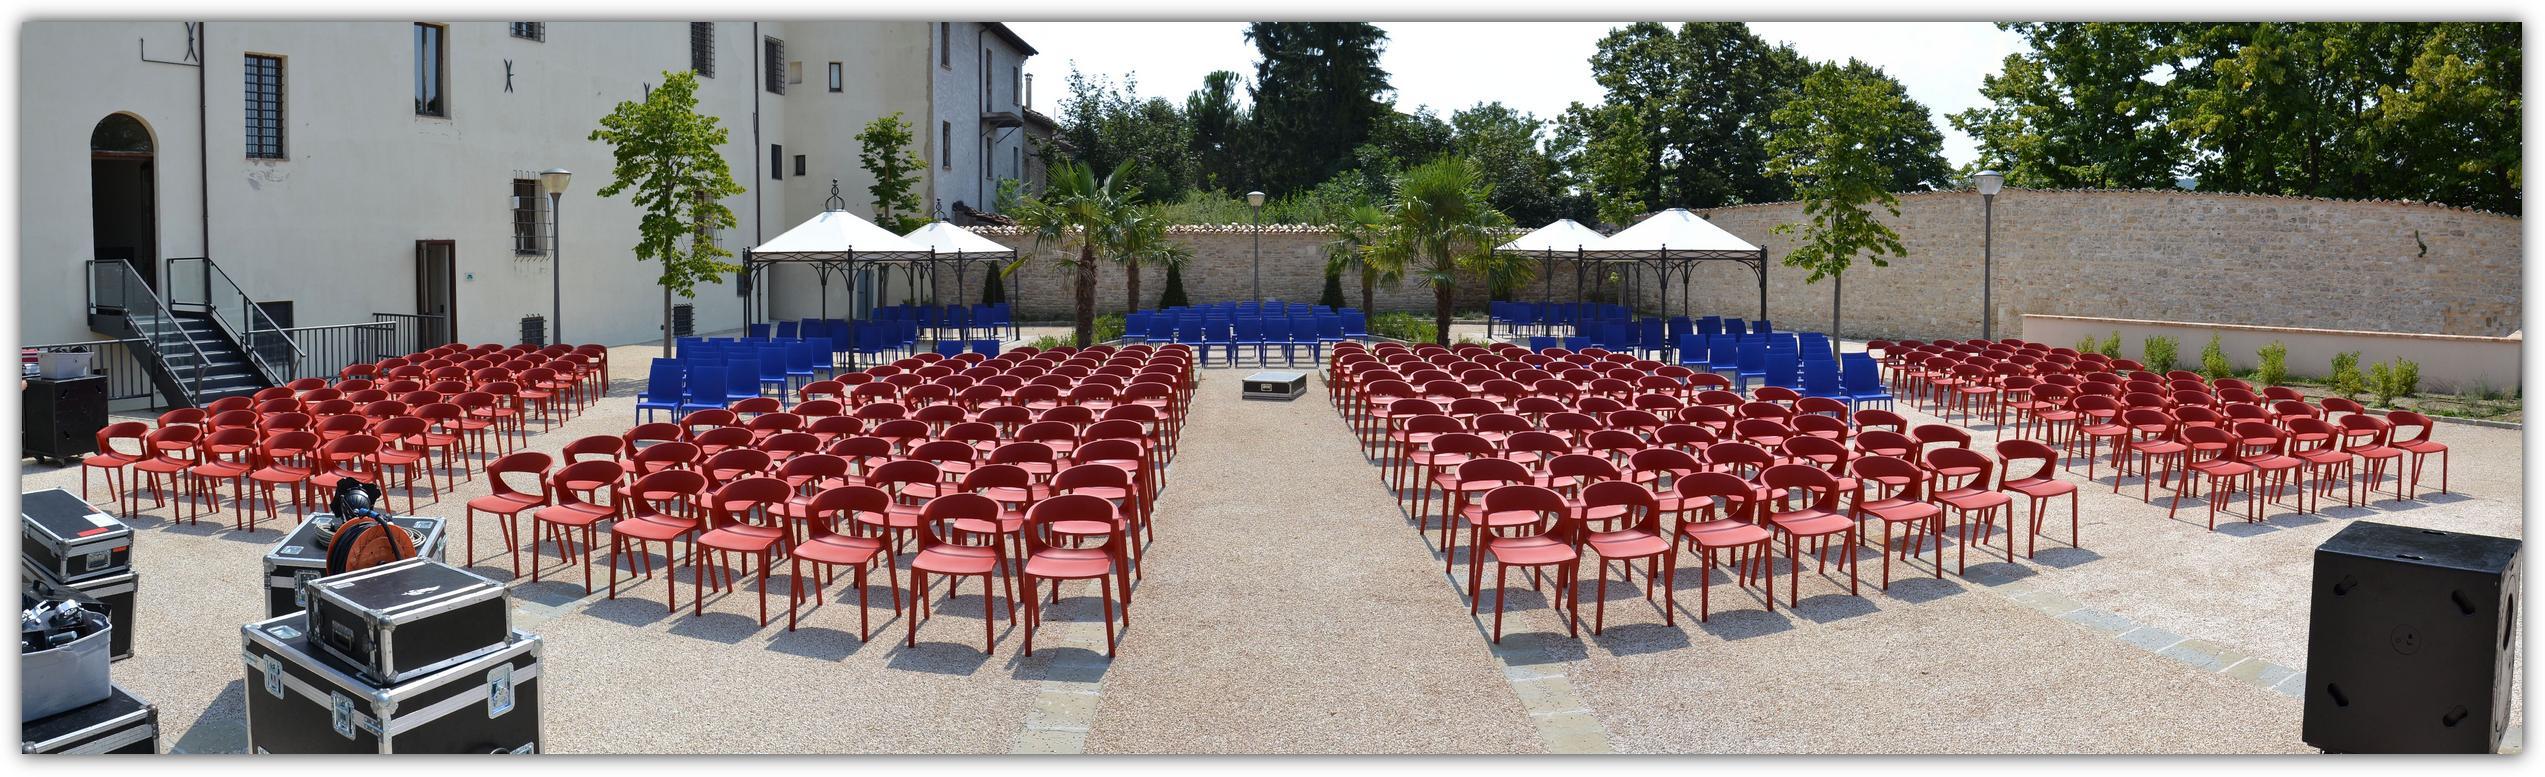 Kikka One sedia per esterni-Riganelli- realizzazioni